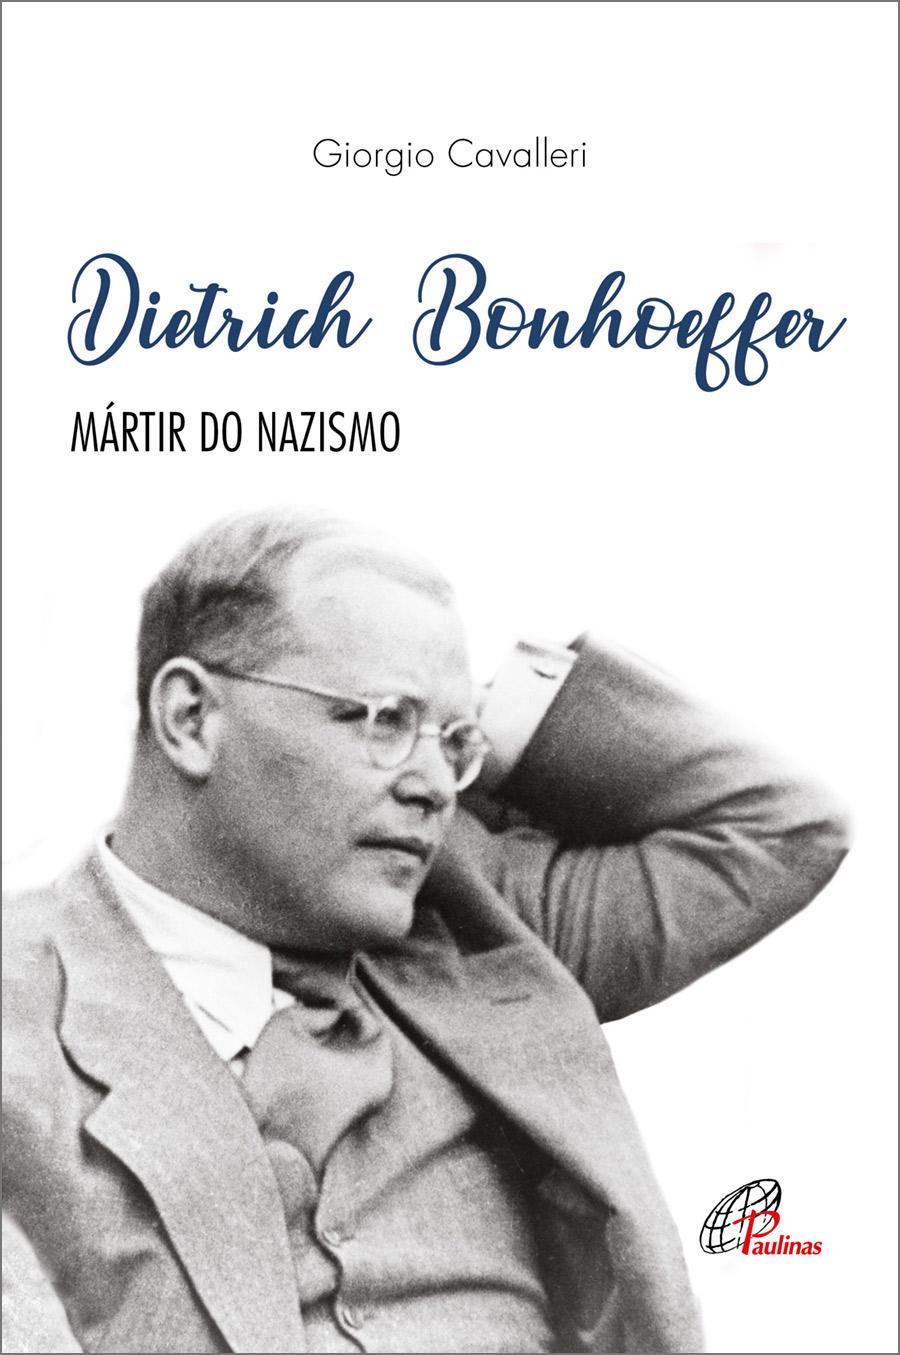 Dietrich Bonhoeffer: Teólogo e mártir do nazismo